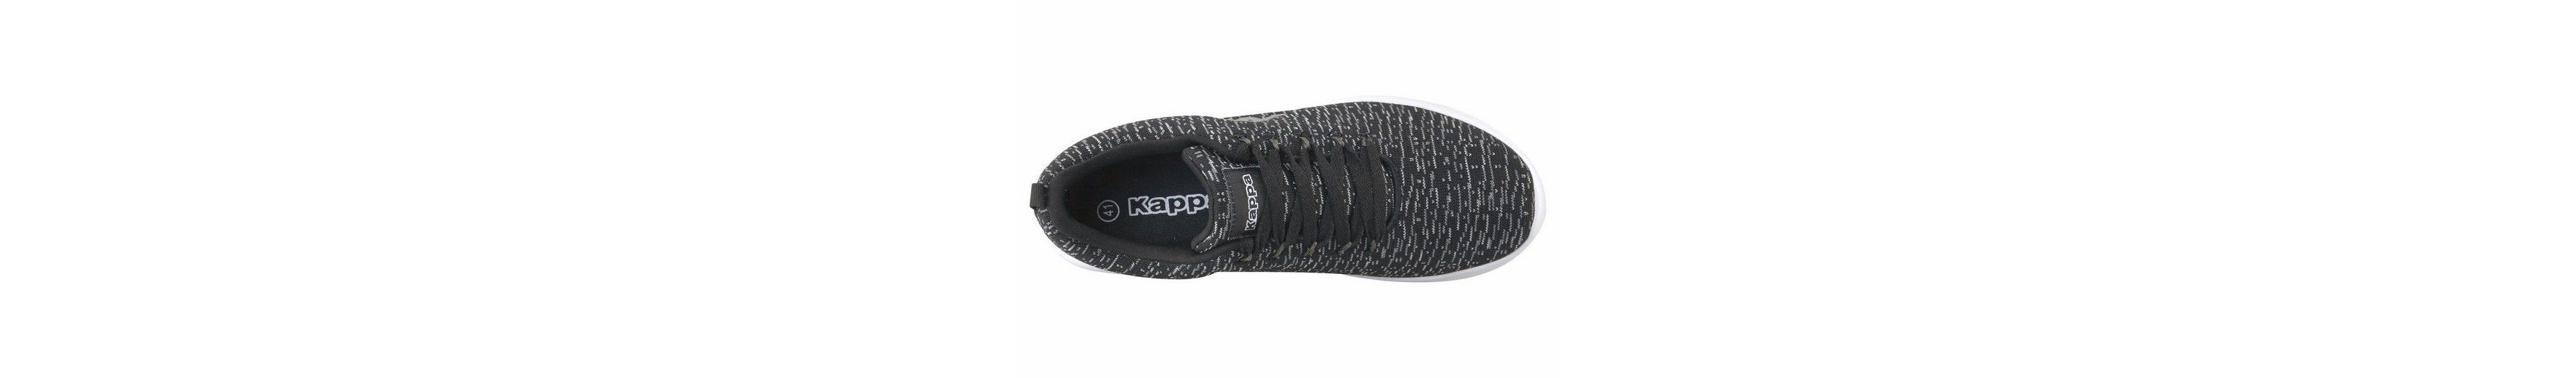 Spielraum Billigsten Kappa Careless U Sneaker In Deutschland Billig 61NnuZQD0n